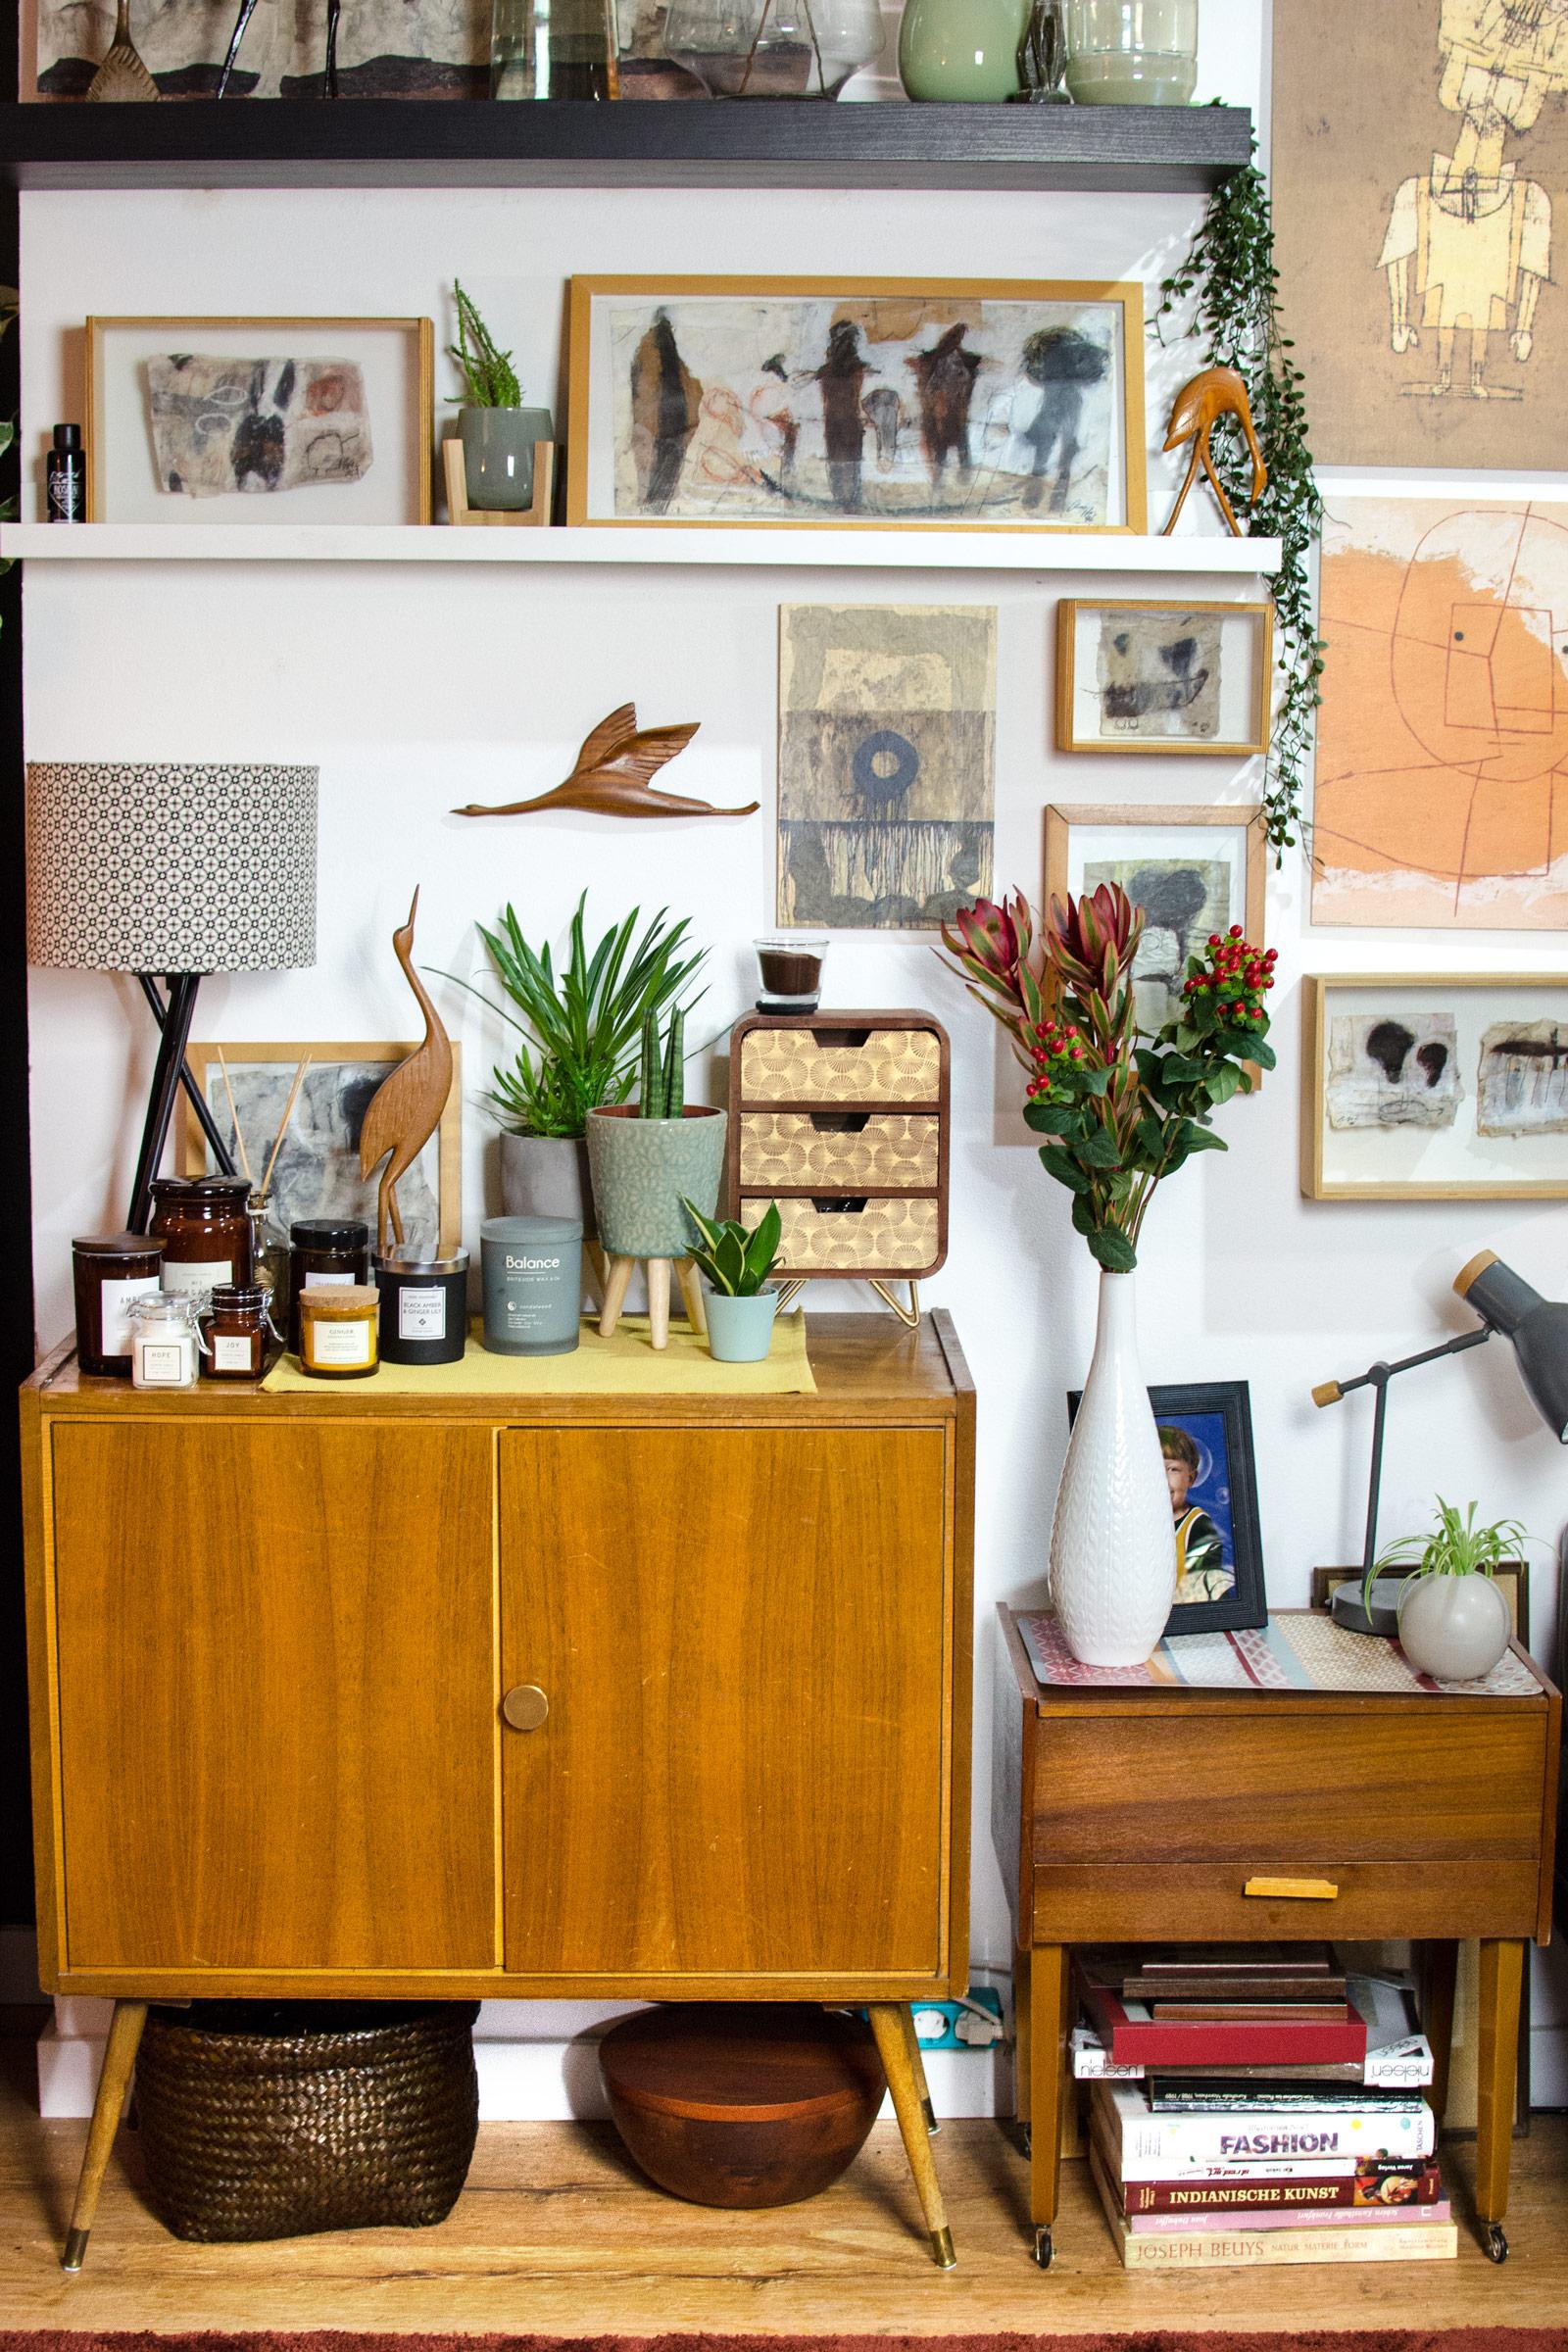 Wohntrends 2021 | Möbel, Deko, Farben [unbezahlte werbung]